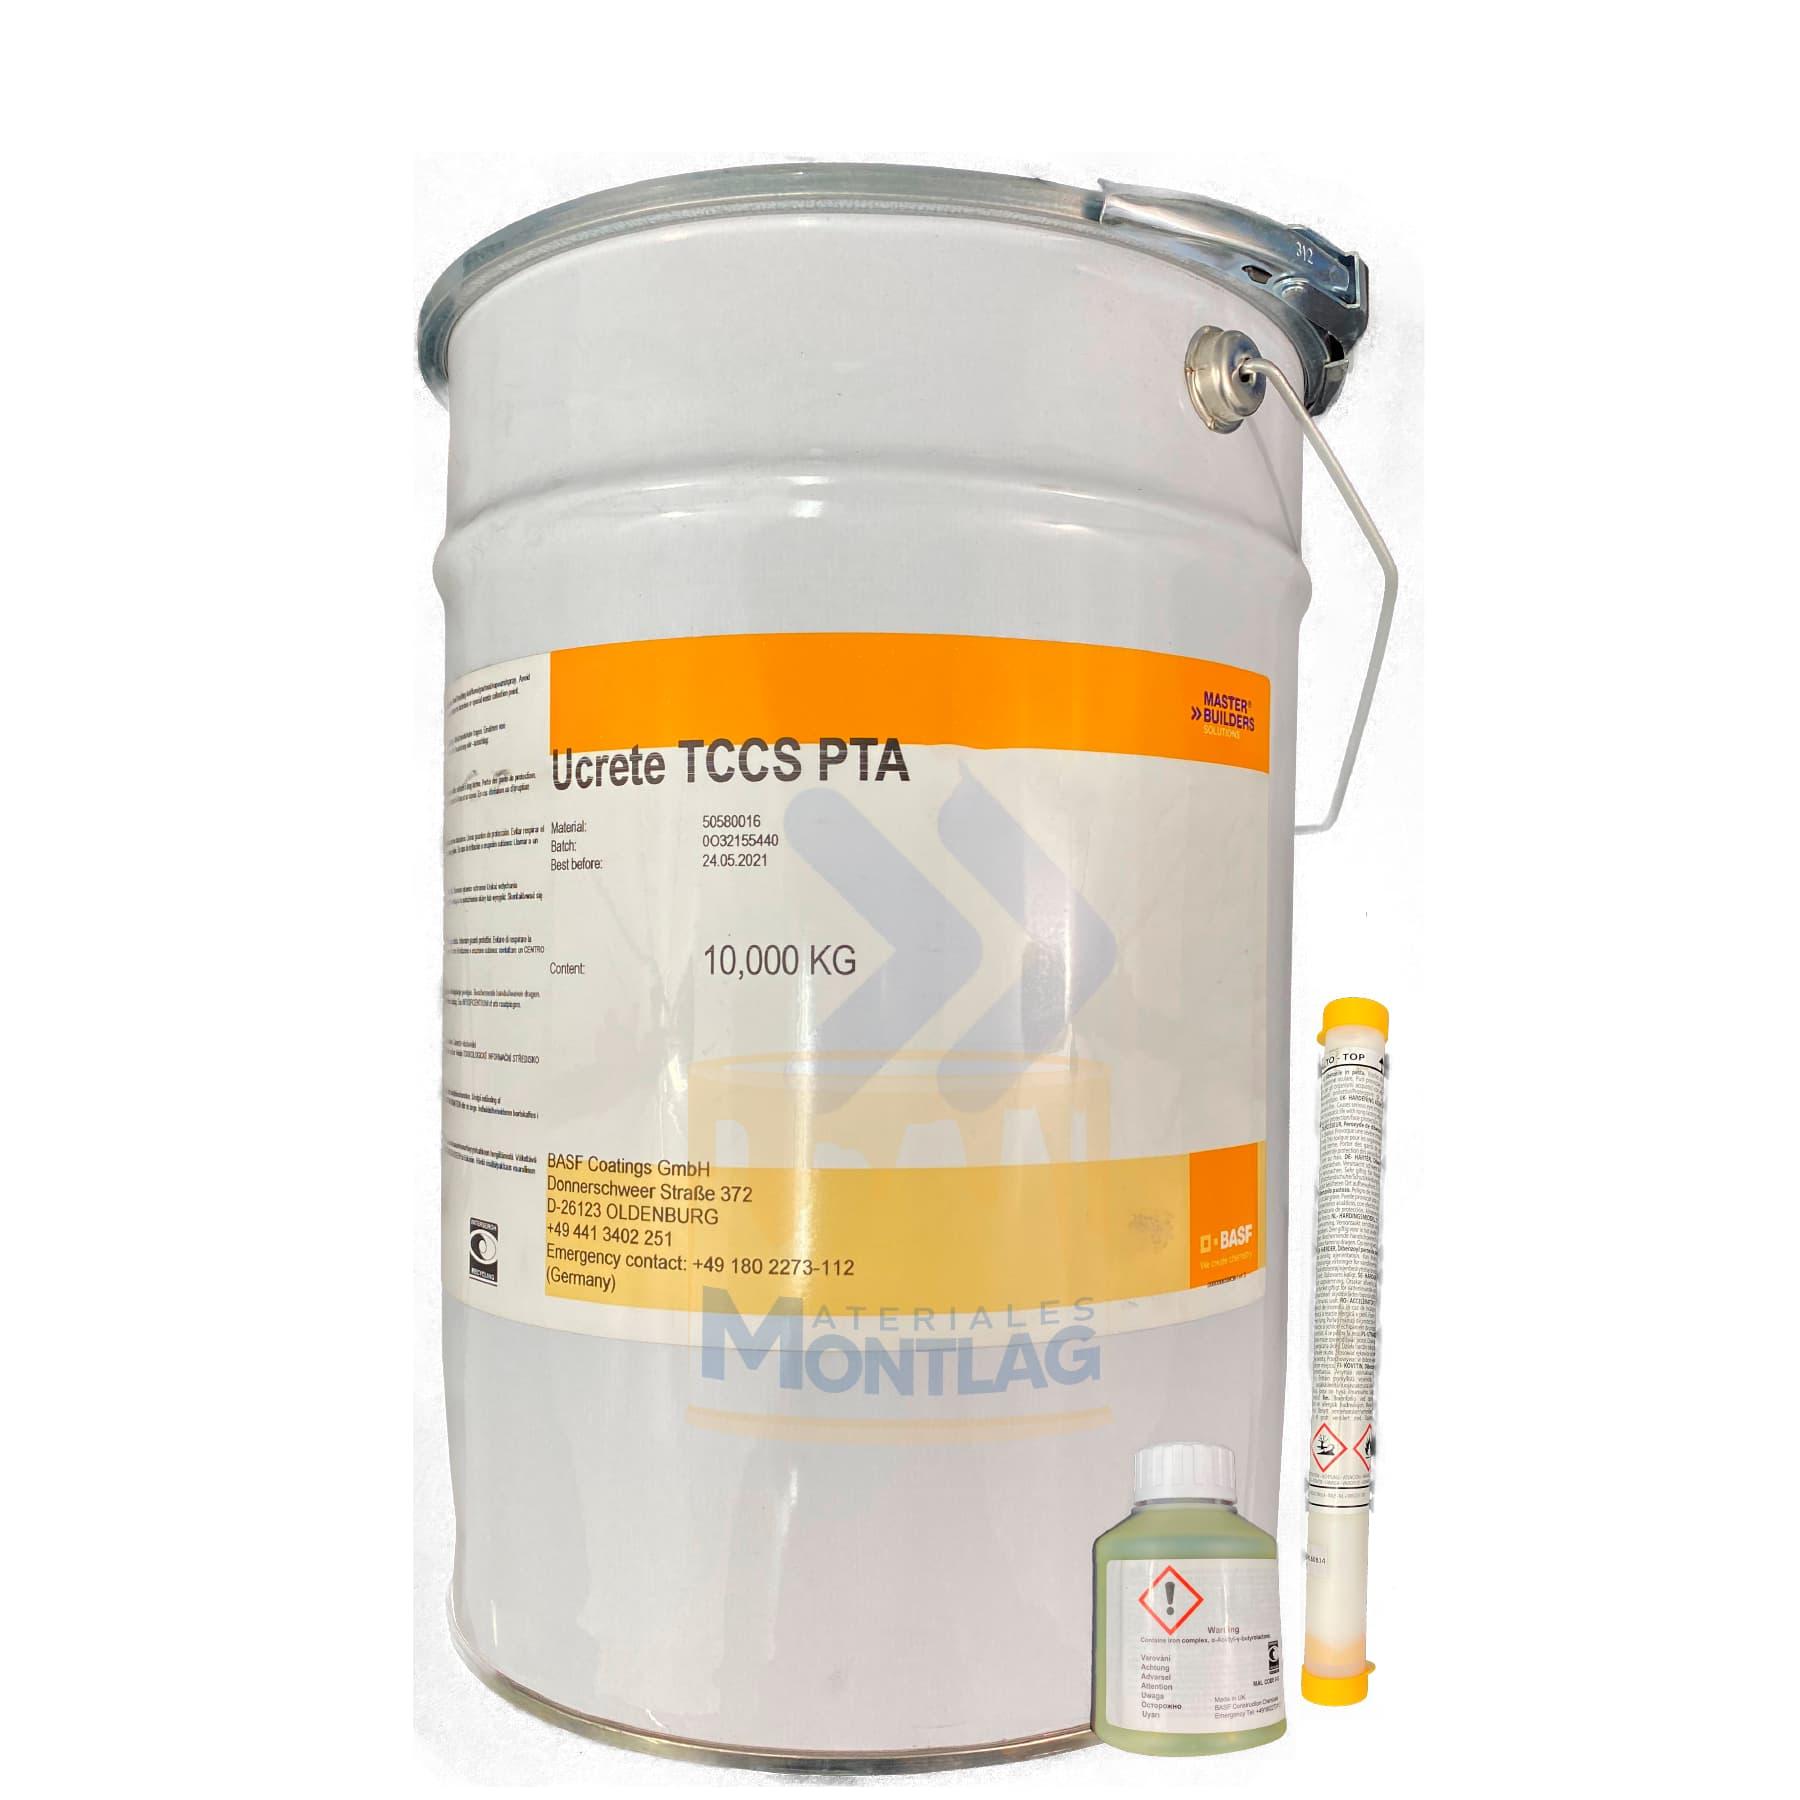 Materiales Montlag - UCRETE TCCS